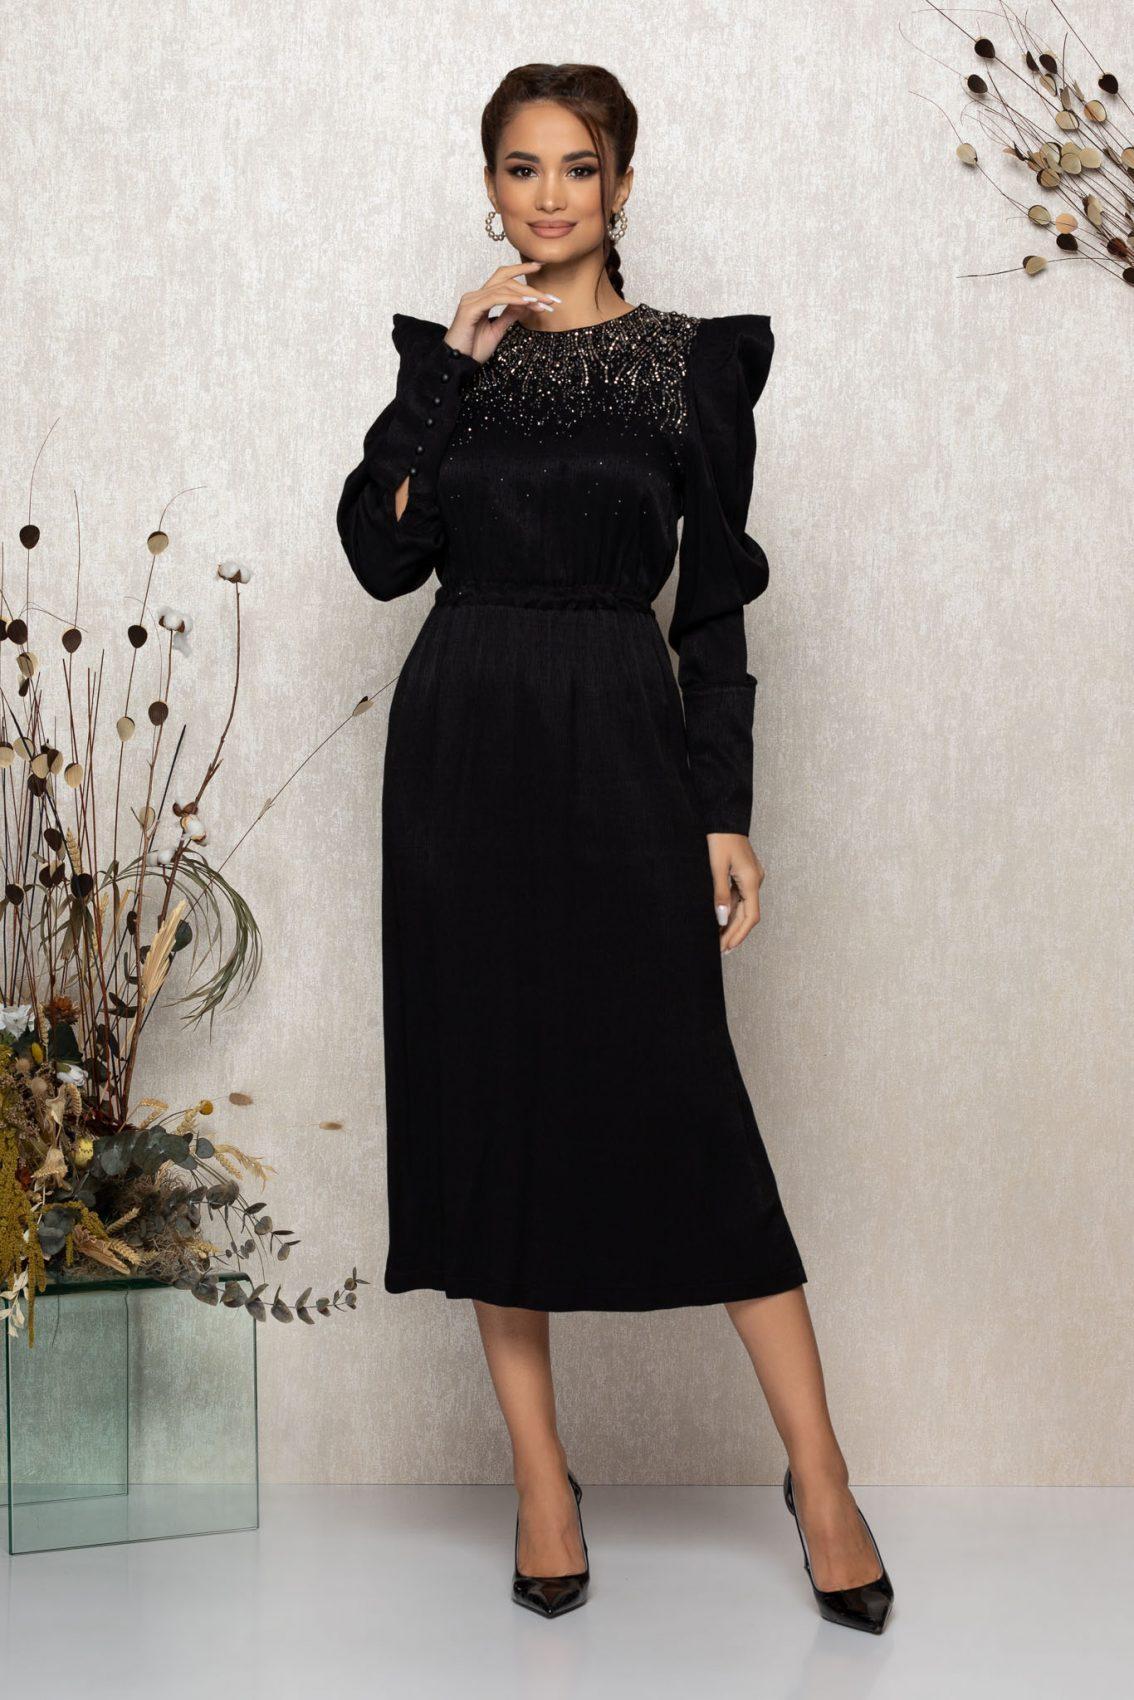 Μαύρο Μίντι Μακρυμάνικο Βραδινό Φόρεμα Brisha T346 5